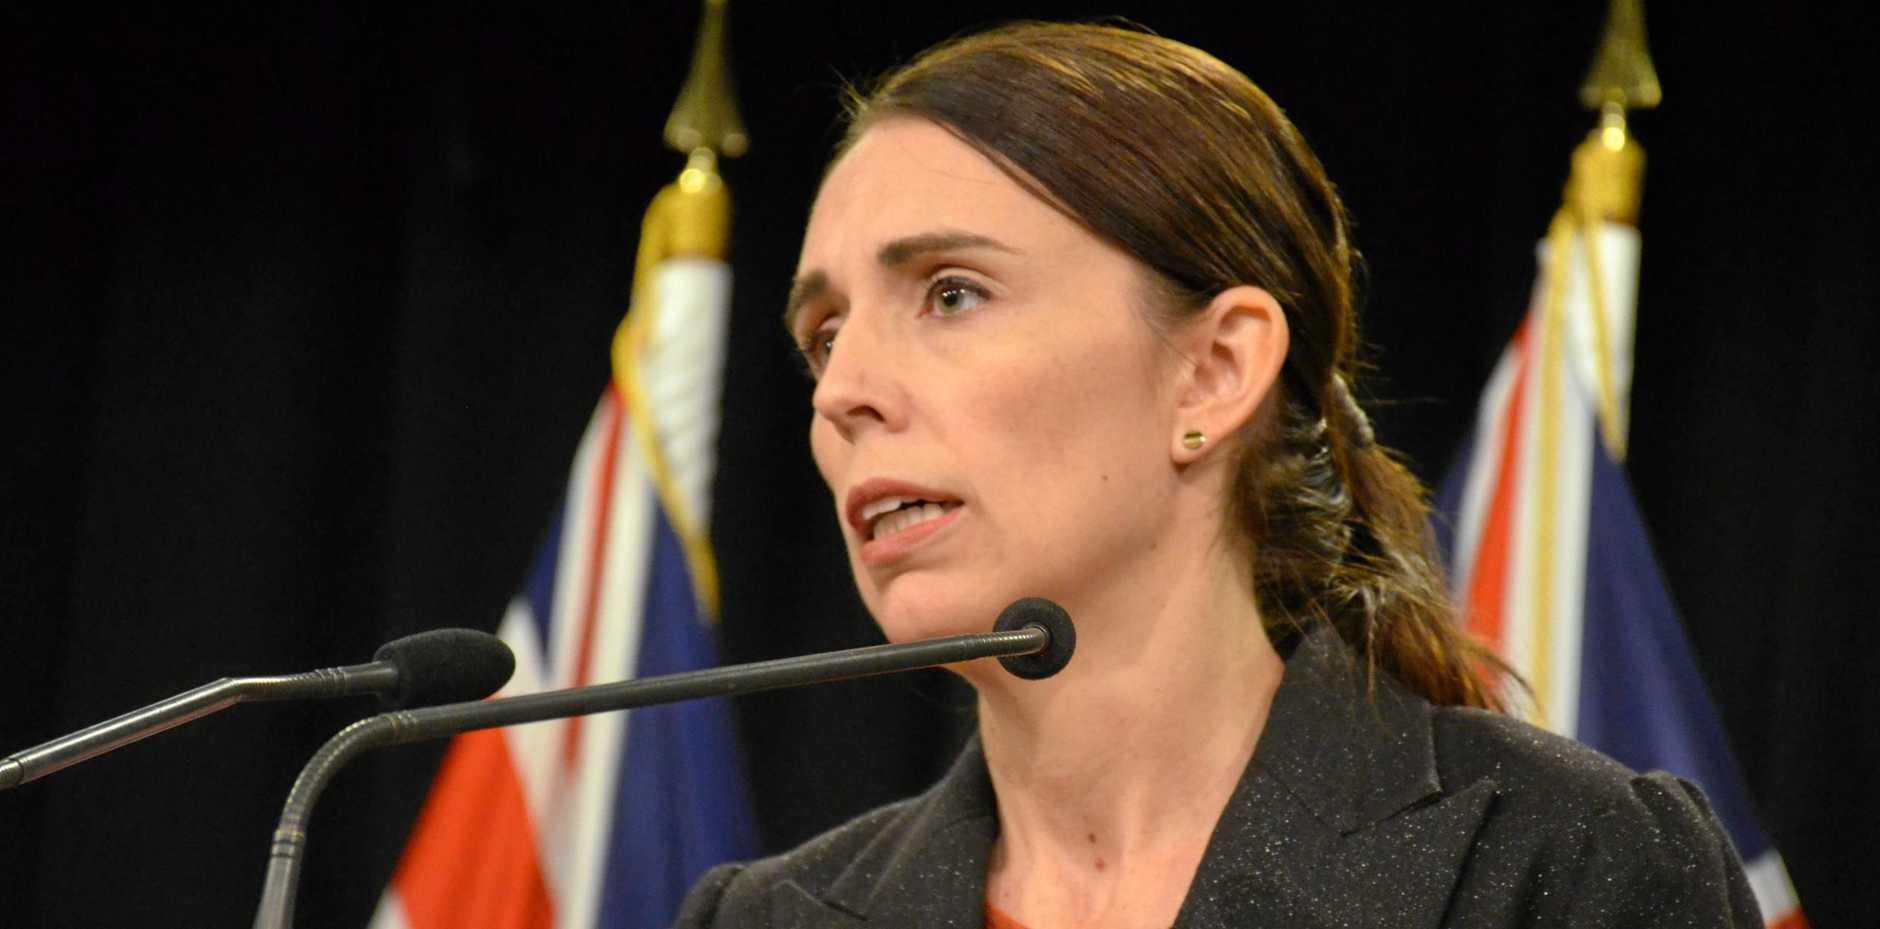 POPULAR LEADER: New Zealand Prime Minister Jacinda Ardern.